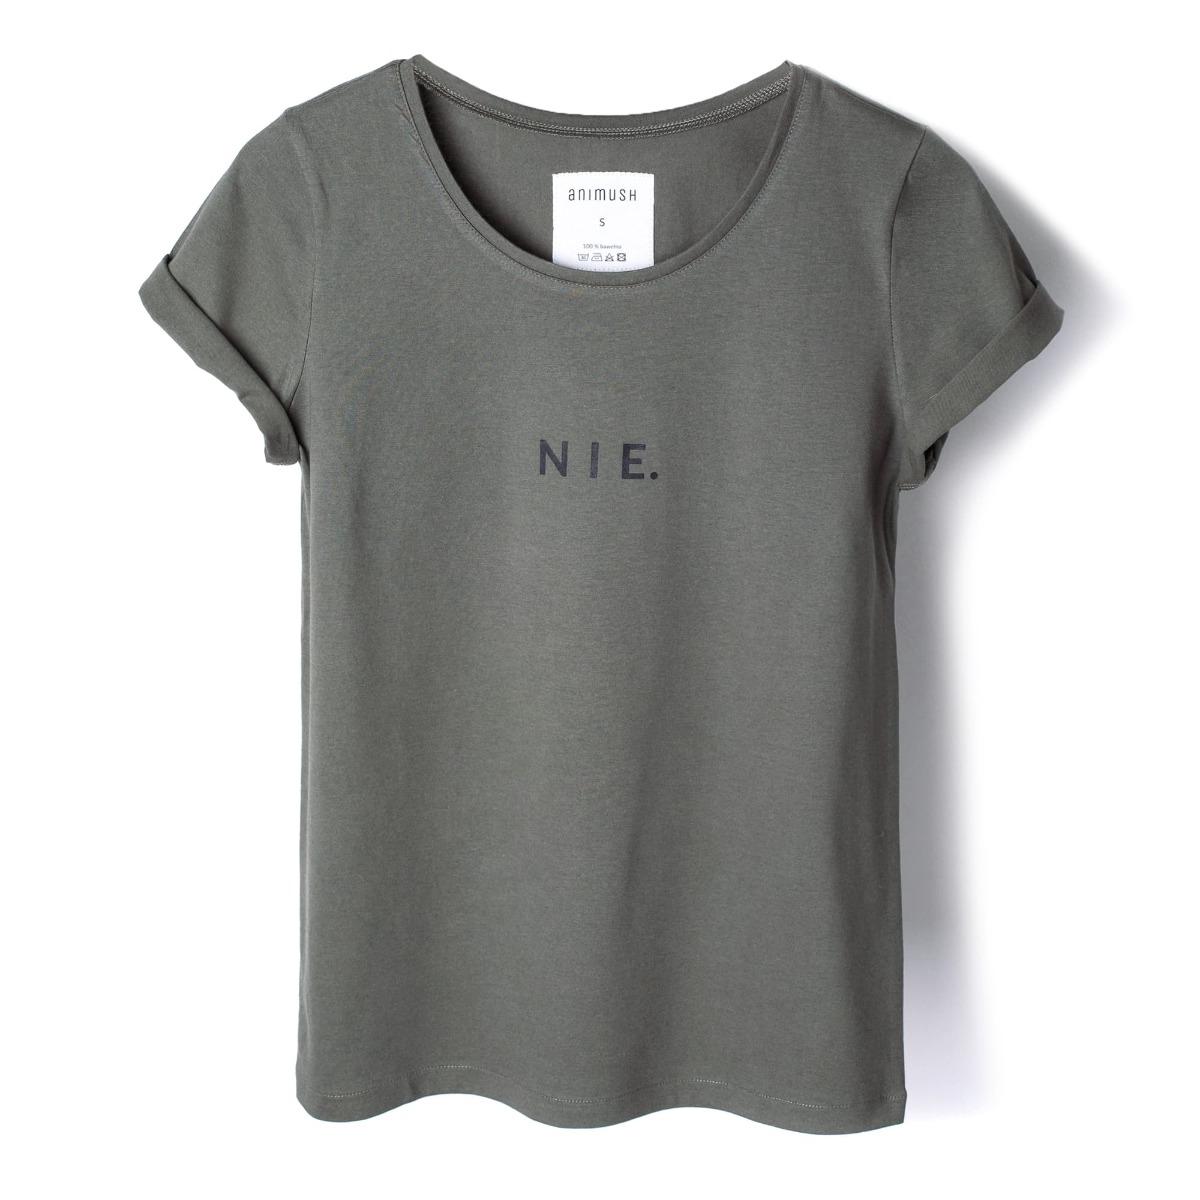 T-shirt khaki NIE.